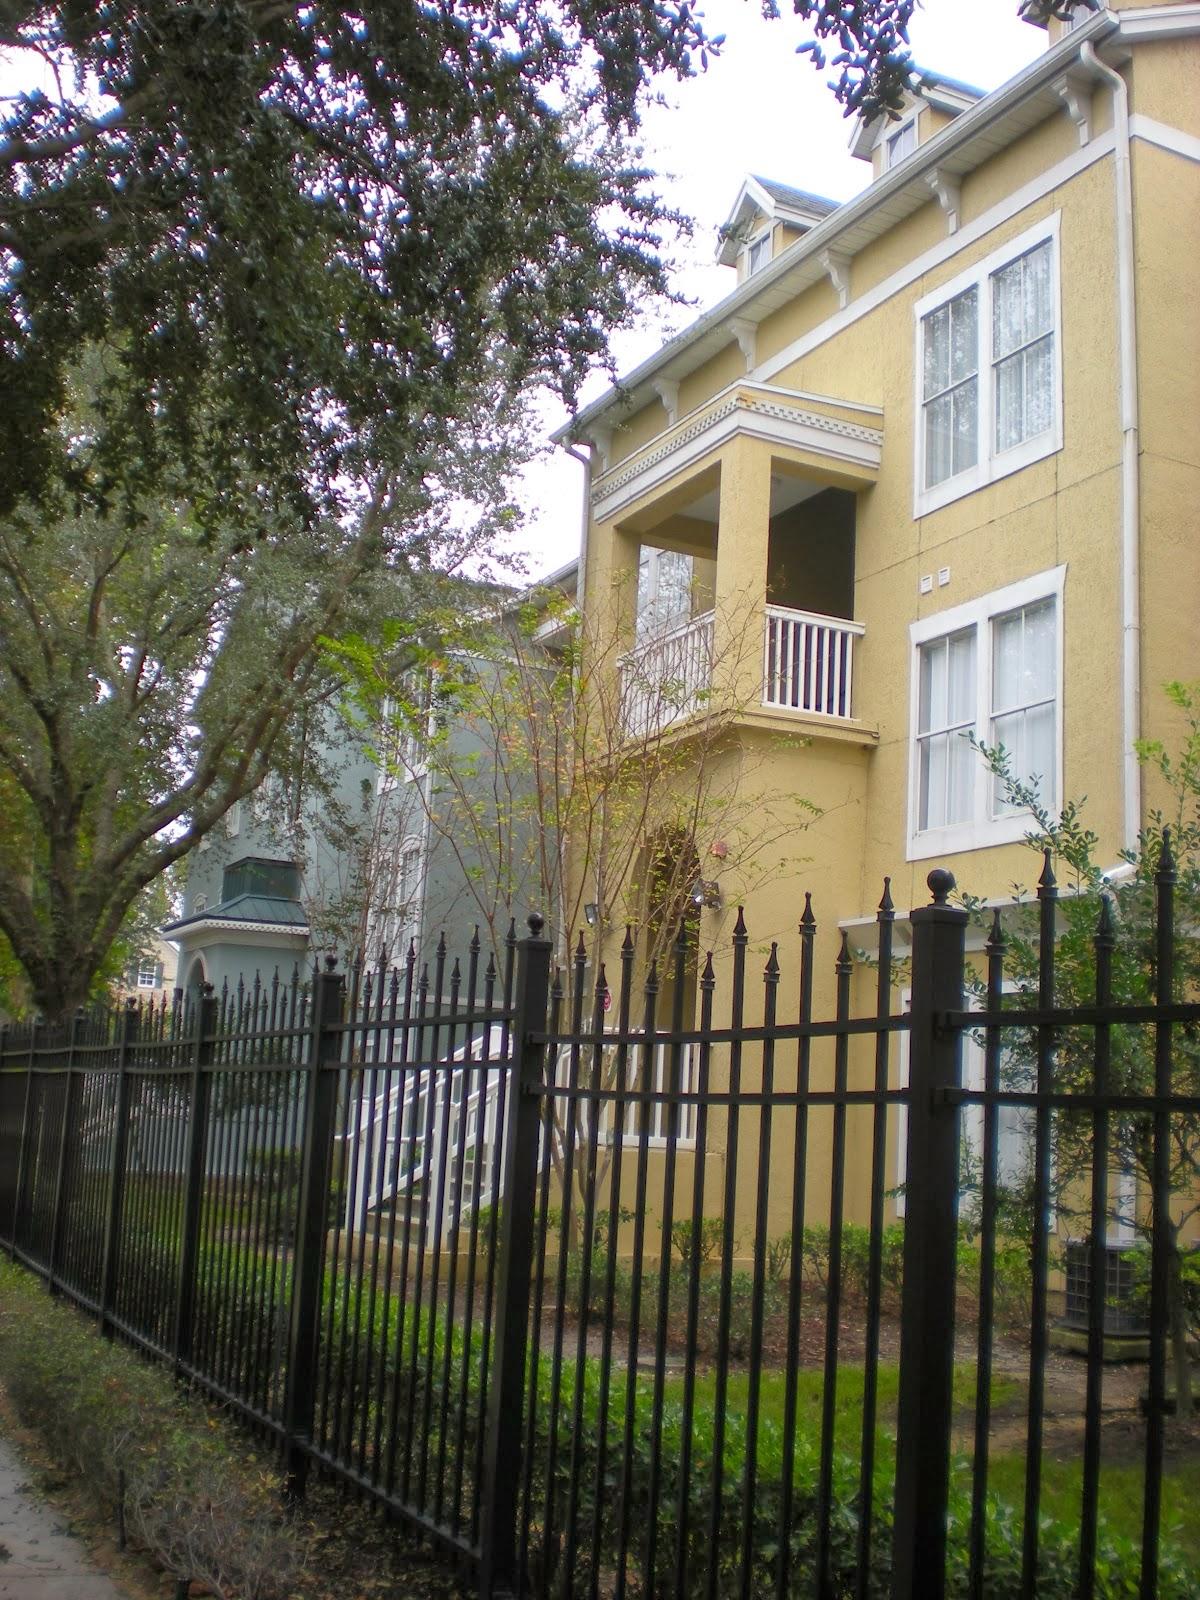 Disney College Program Housing BedroomBathroom Rent Prices